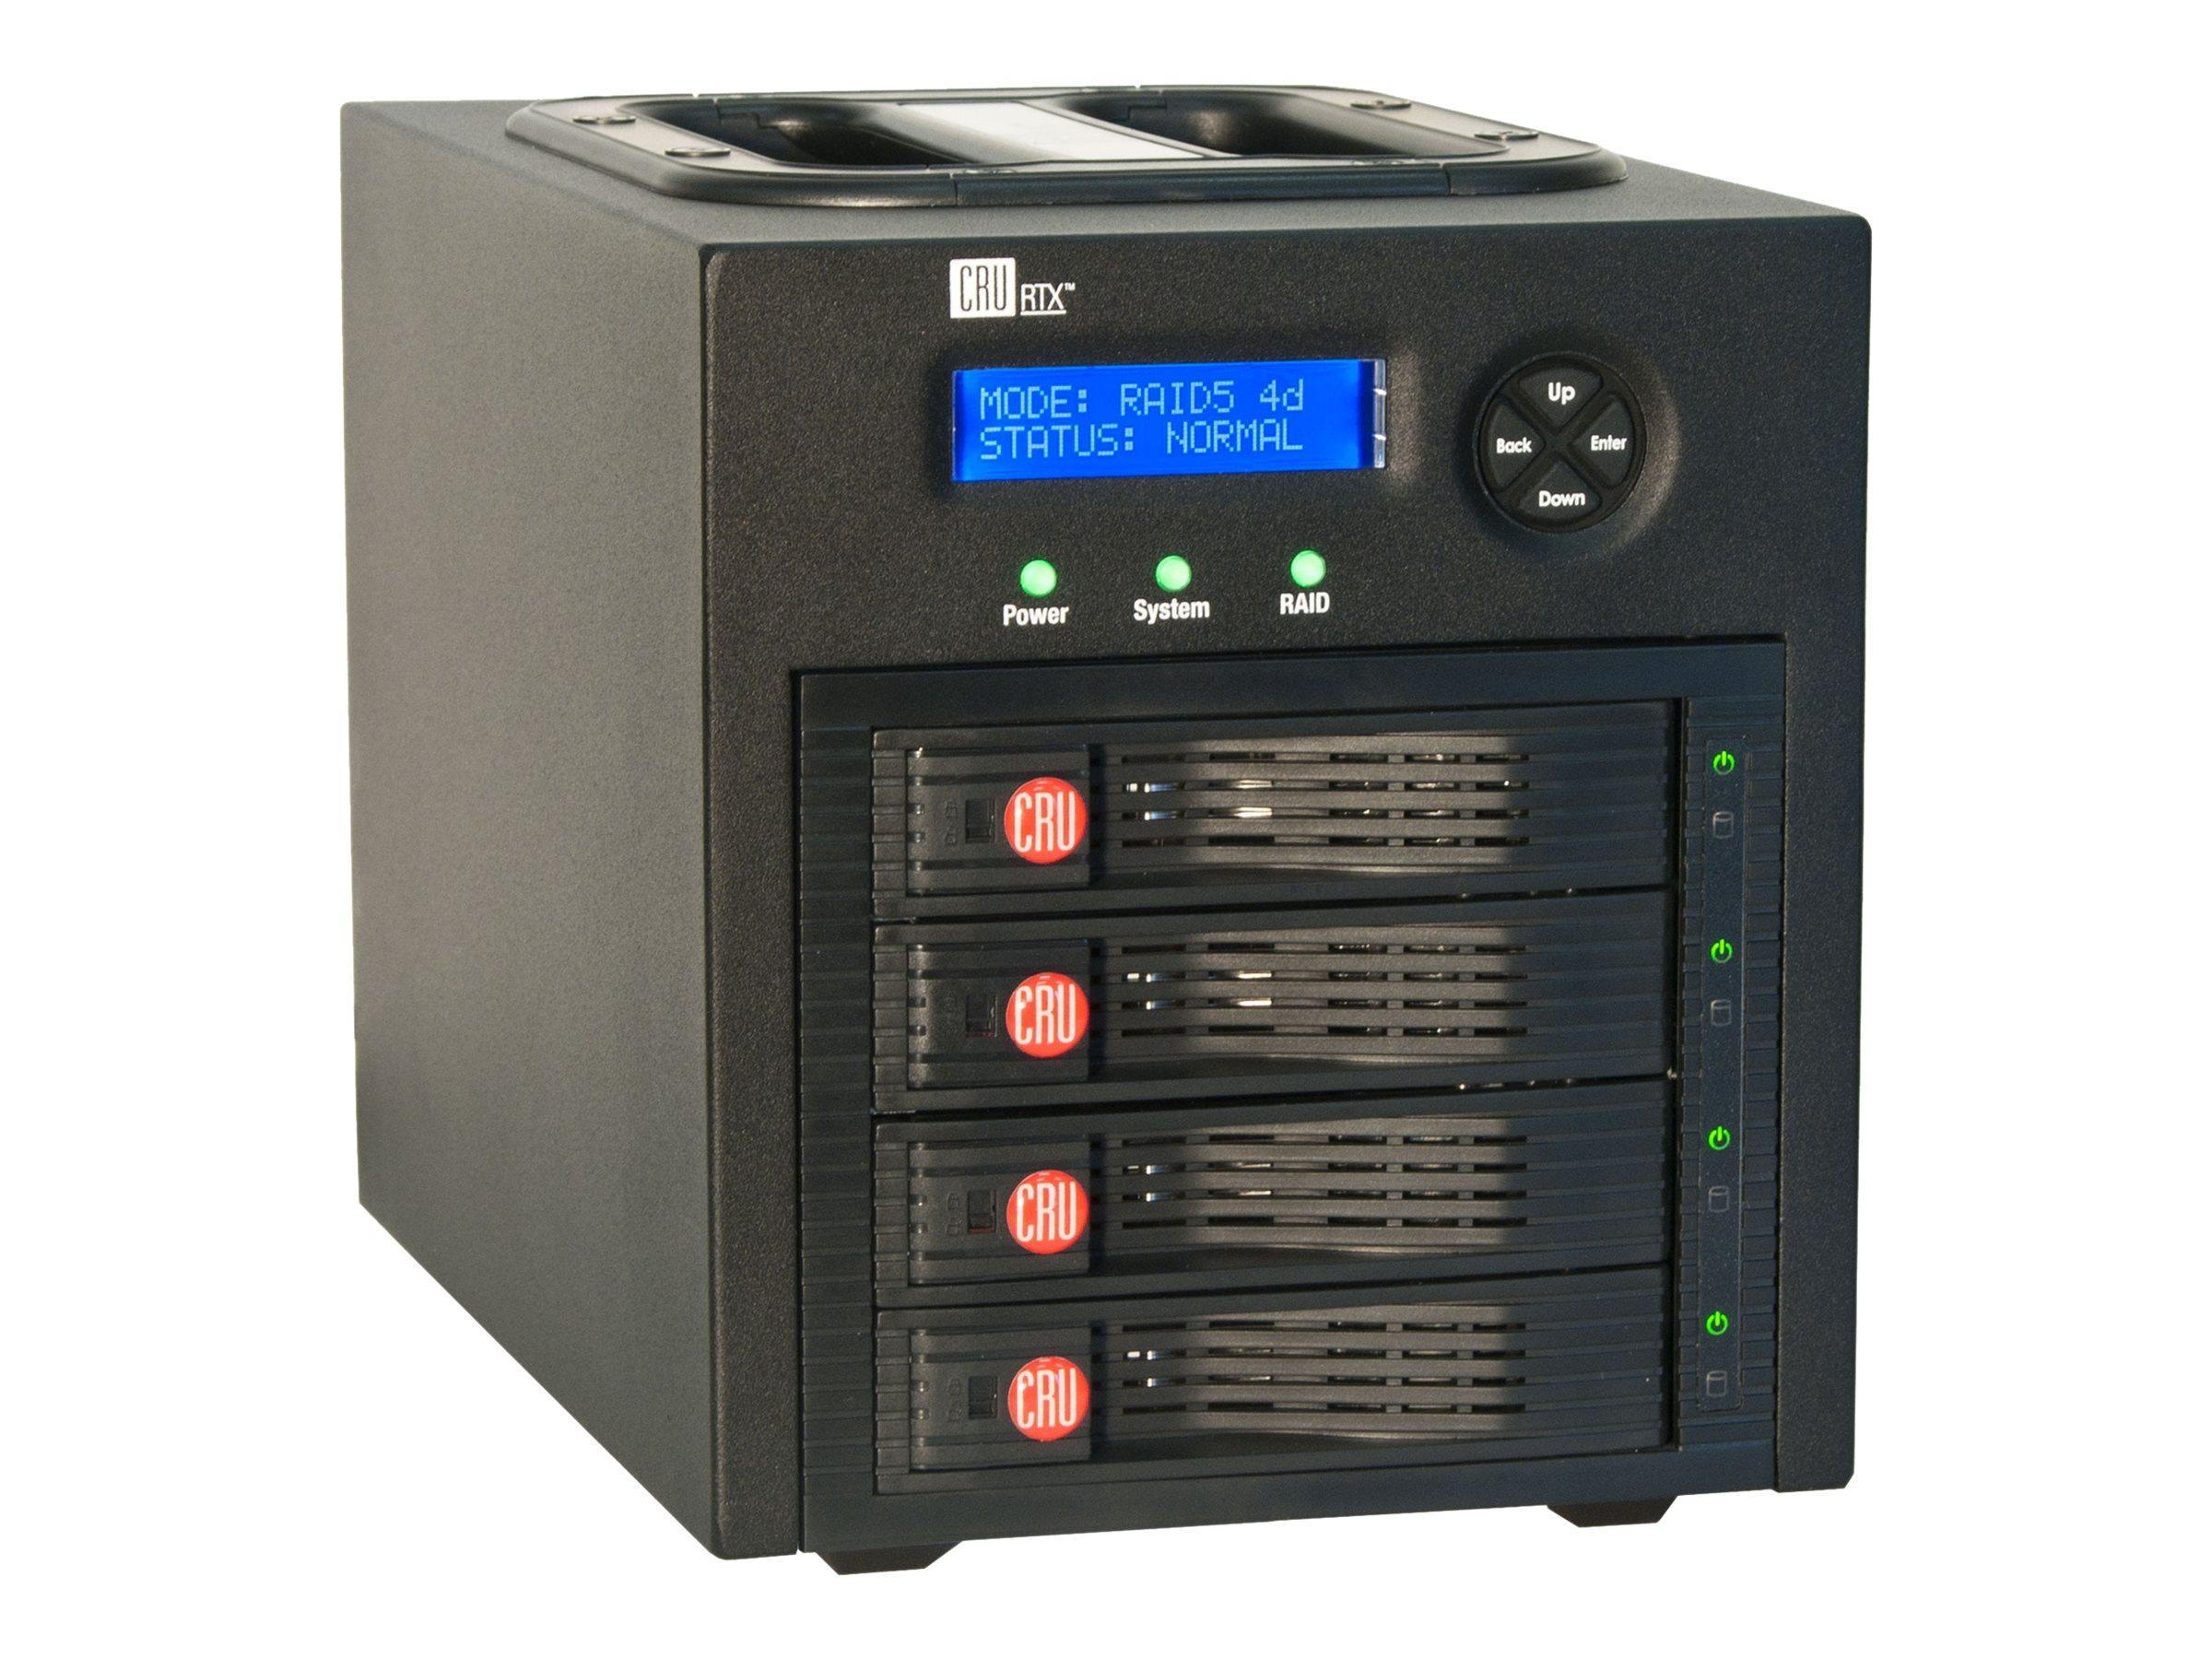 CRU RTX430-3QR 4-Bay RAID USB 3.0 Ethernet Subsystem